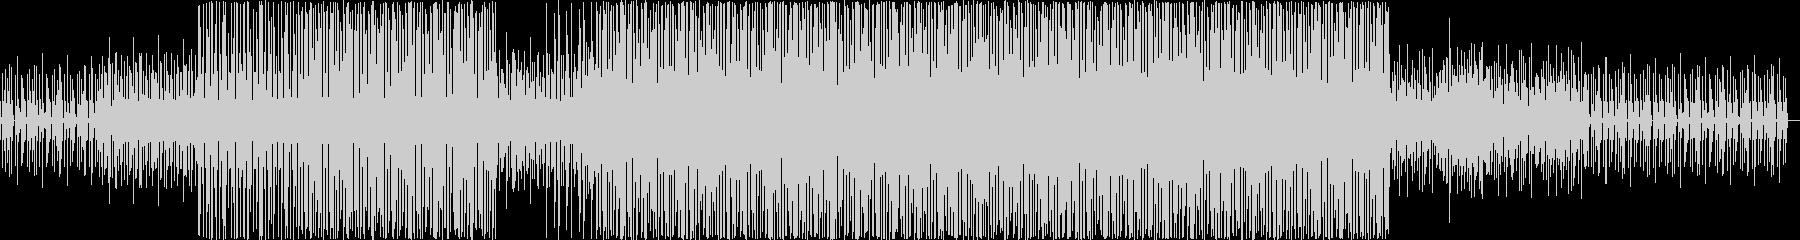 ディープ・ハウス。夜の音楽。フィル...の未再生の波形